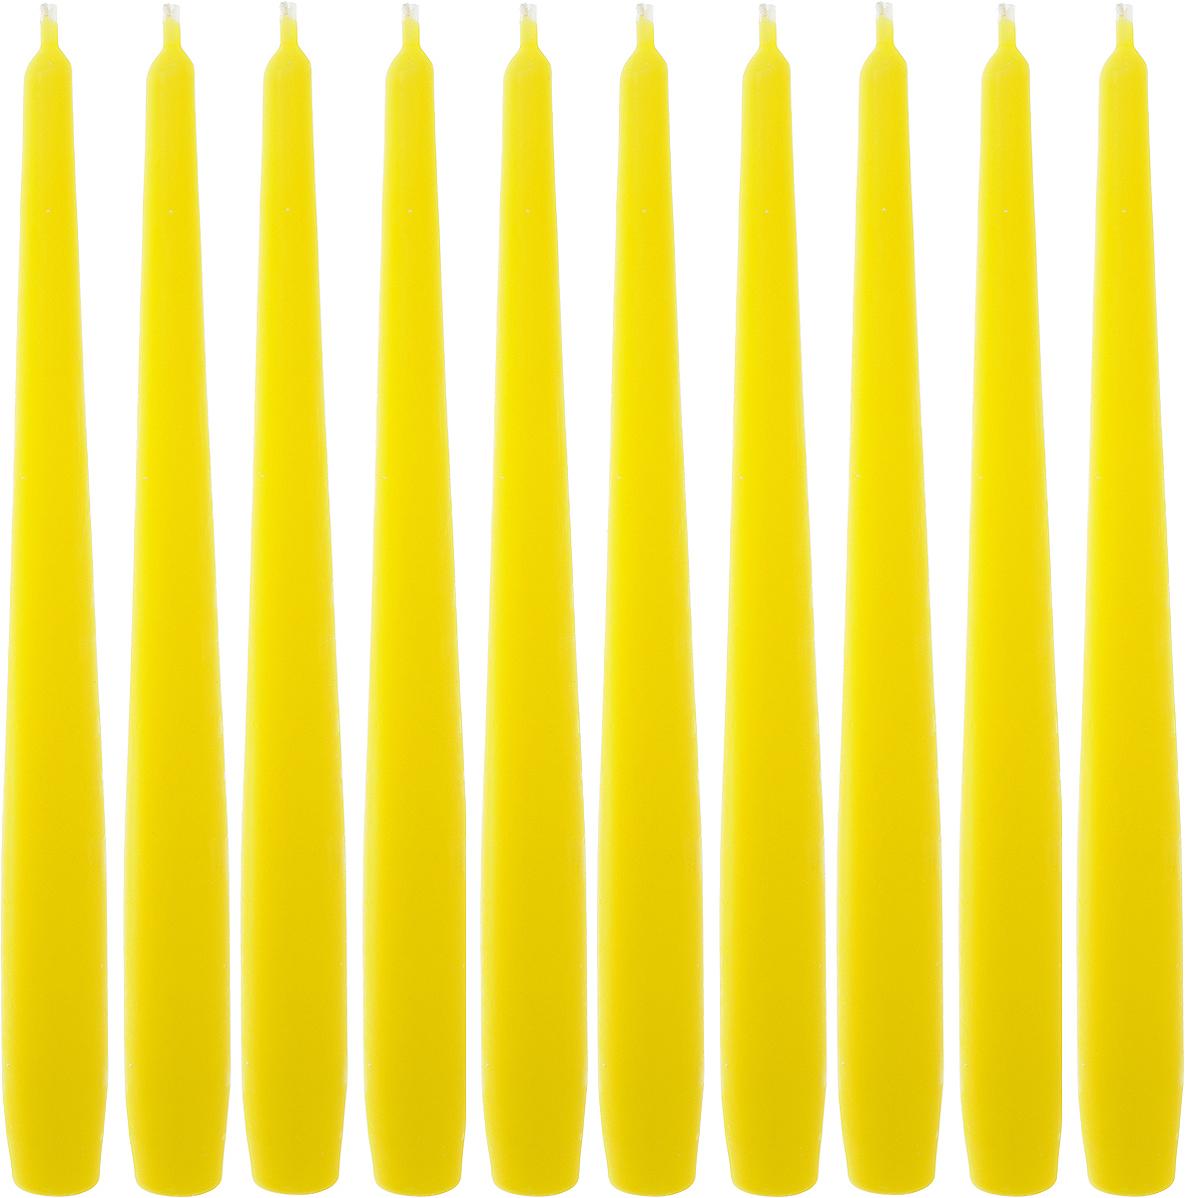 Набор свечей Омский cвечной завод, цвет: желтый, высота 24 см, 10 шт74-0120Набор Омский cвечной завод состоит из 10 свечей, изготовленных из парафина и хлопчатобумажной нити. Такие свечи создадут атмосферу таинственности и загадочности и наполнят ваш дом волшебством и ощущением праздника. Хороший сувенир для друзей и близких.Примерное время горения: 7 часов. Высота: 24 см. Диаметр: 2 см.